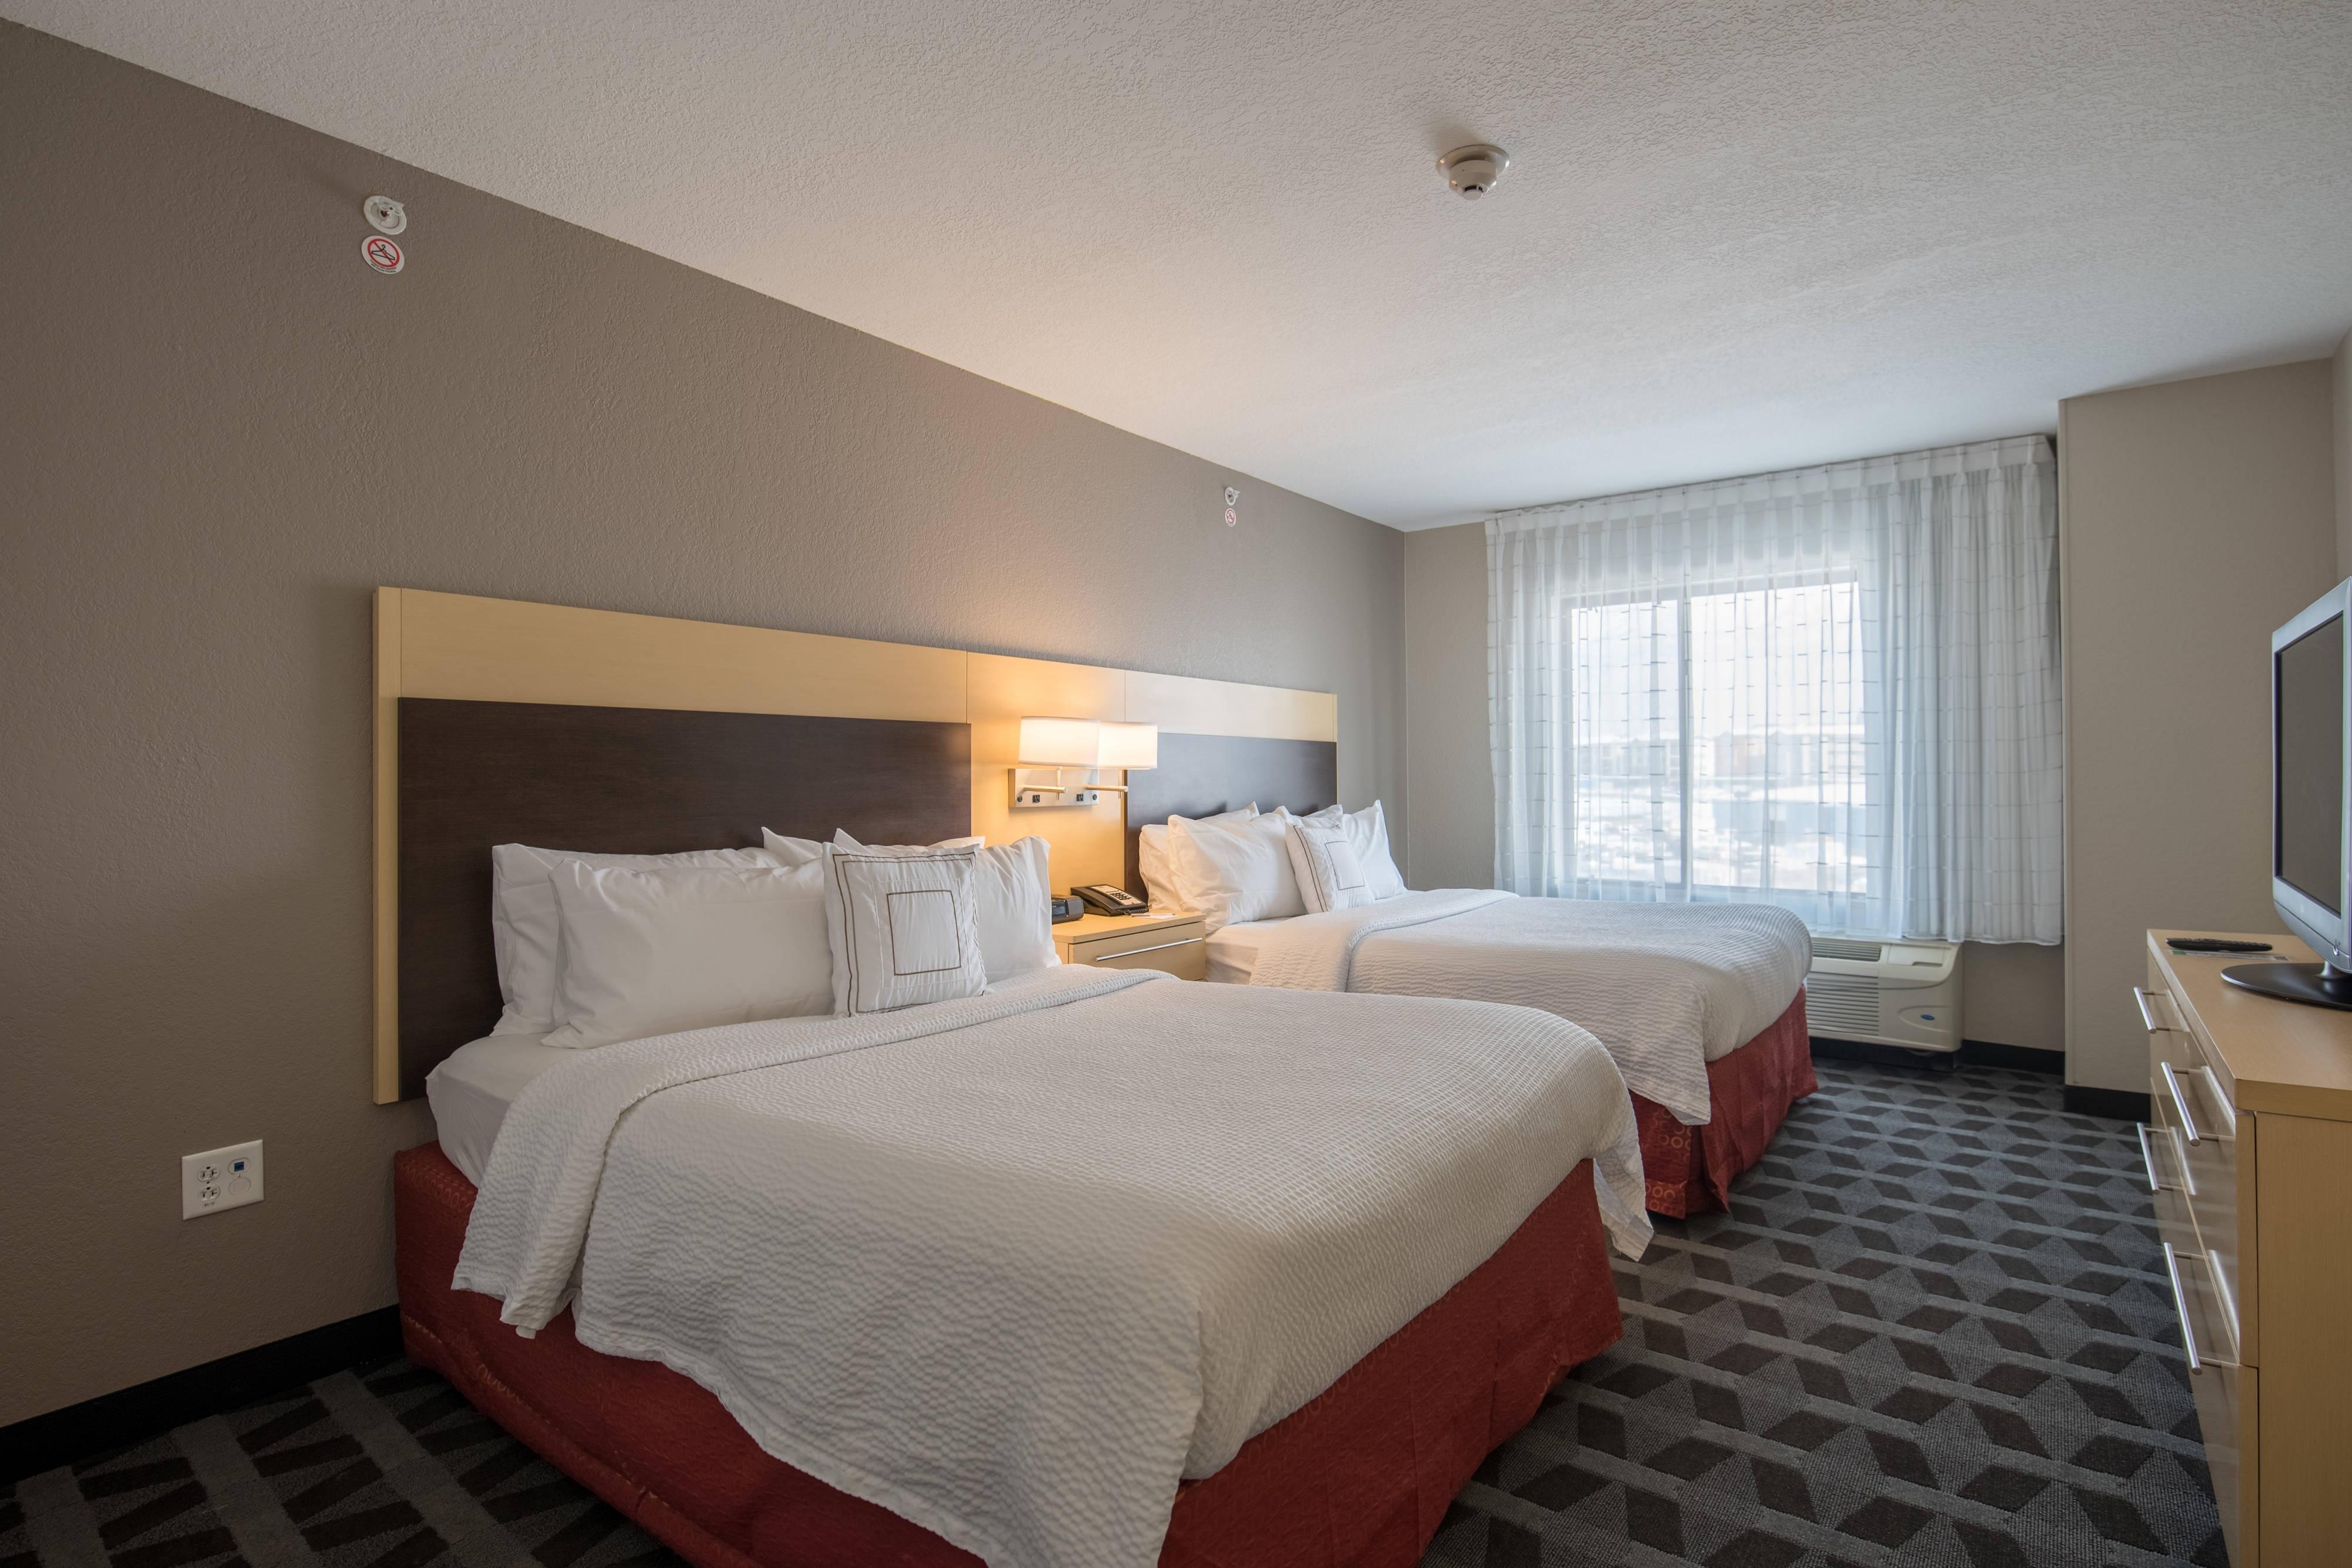 Suite de un dormitorio con dos camas Queen